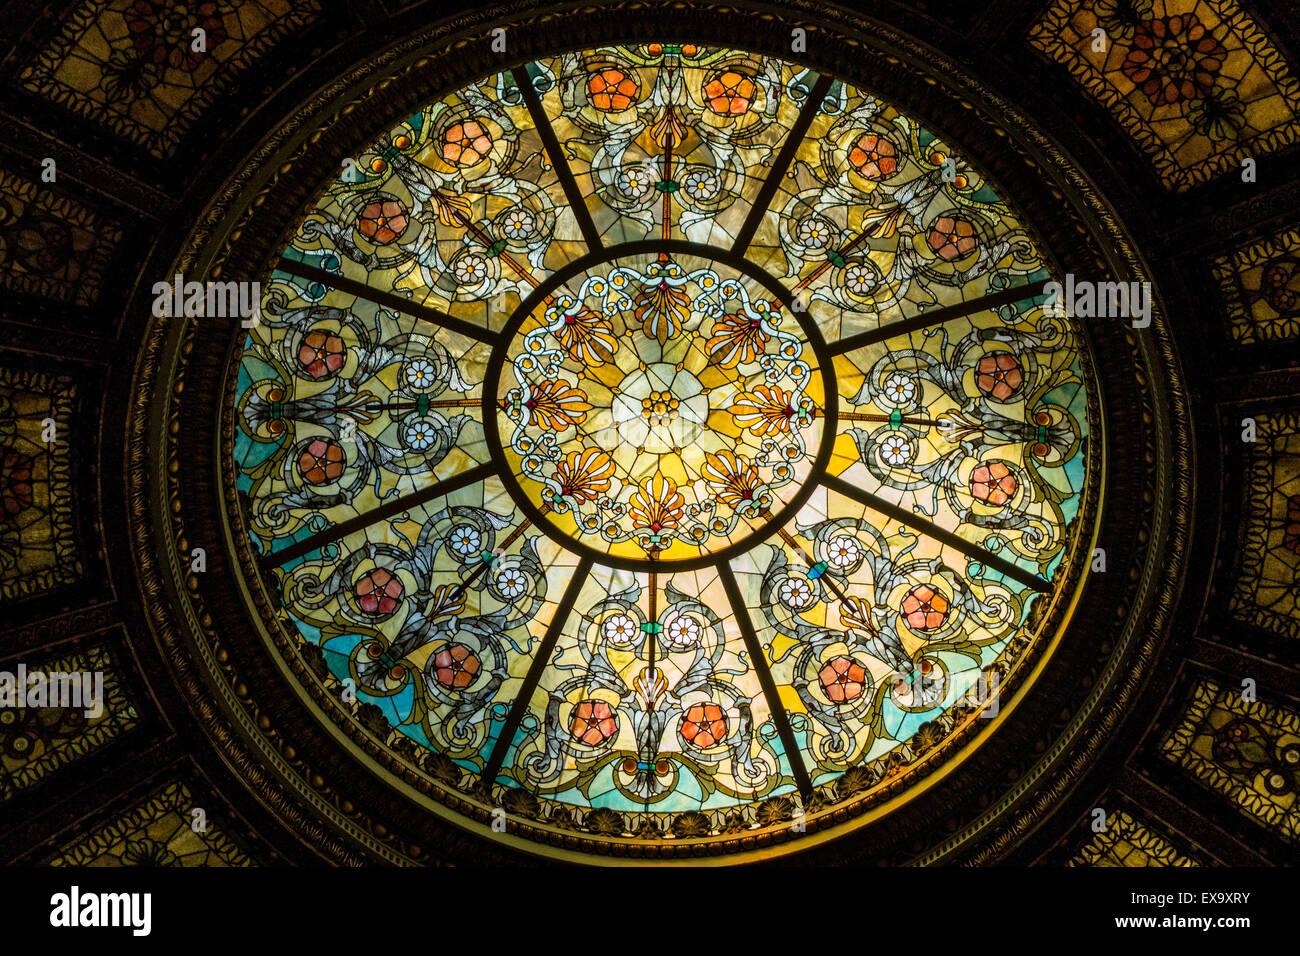 Toit en dôme, Centre culturel de Chicago, anciennement la Bibliothèque publique de Chicago, Chicago, Illinois, Photo Stock